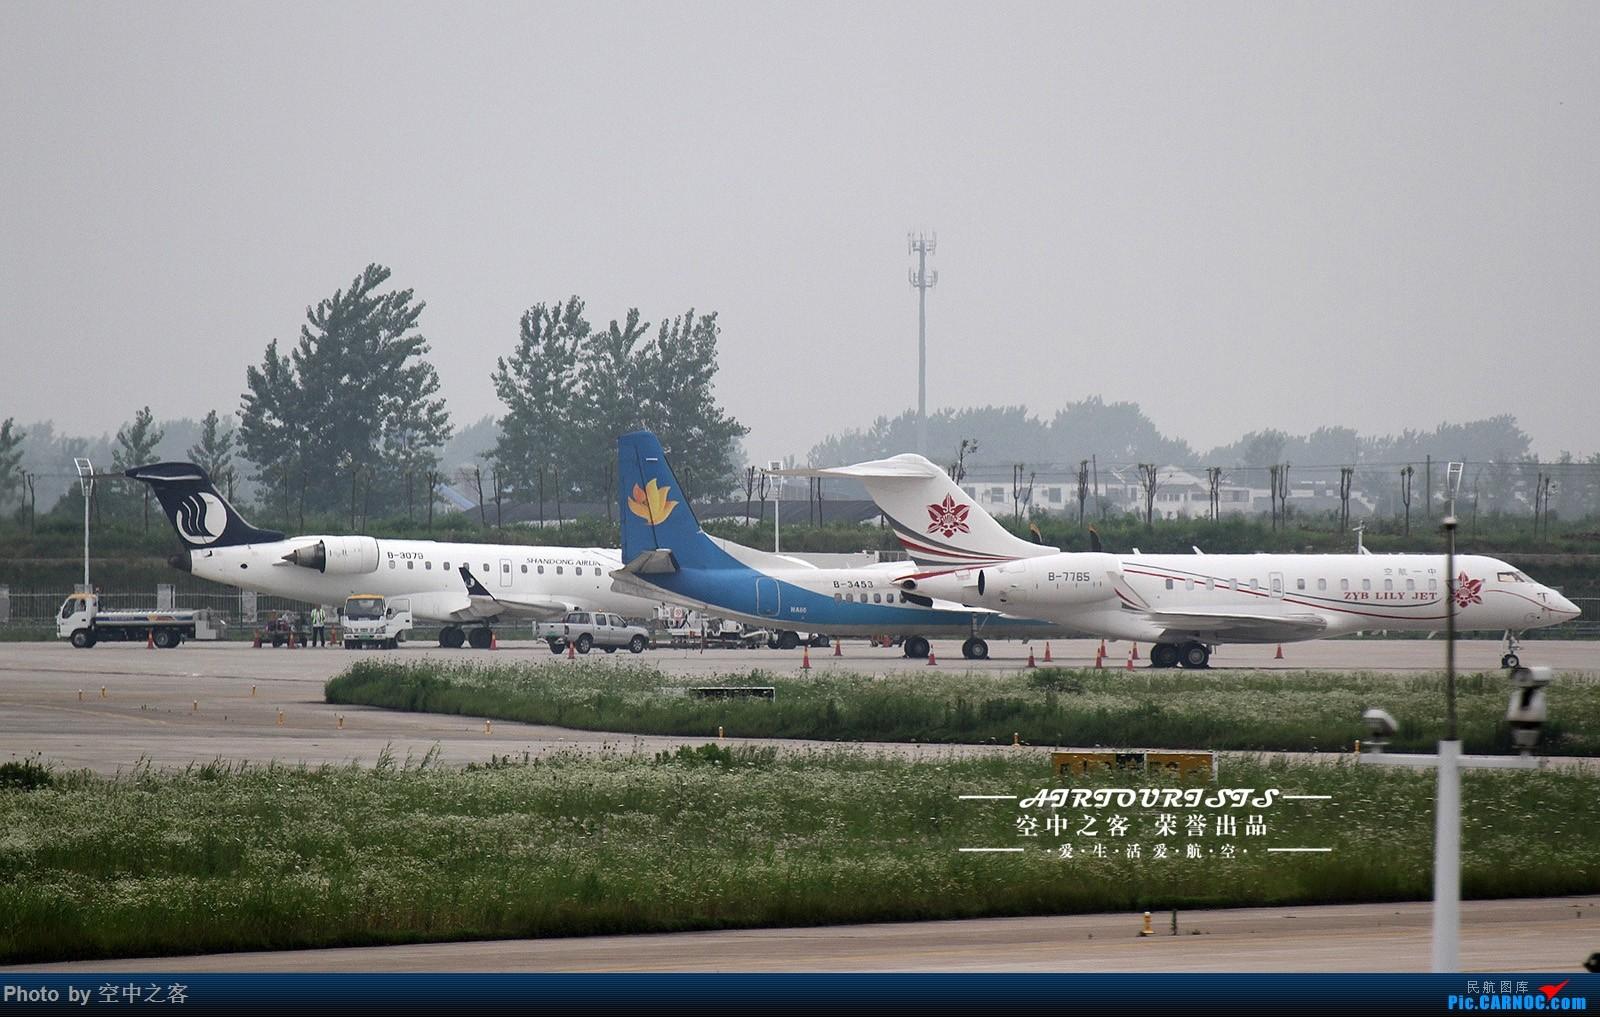 Re:[原创][合肥飞友会·霸都打机队 空中之客出品]虽然水泥天也要来一场说走就走的拍机(前传) BOMBARDIER GLOBAL EXPRESS B-7765 合肥新桥国际机场